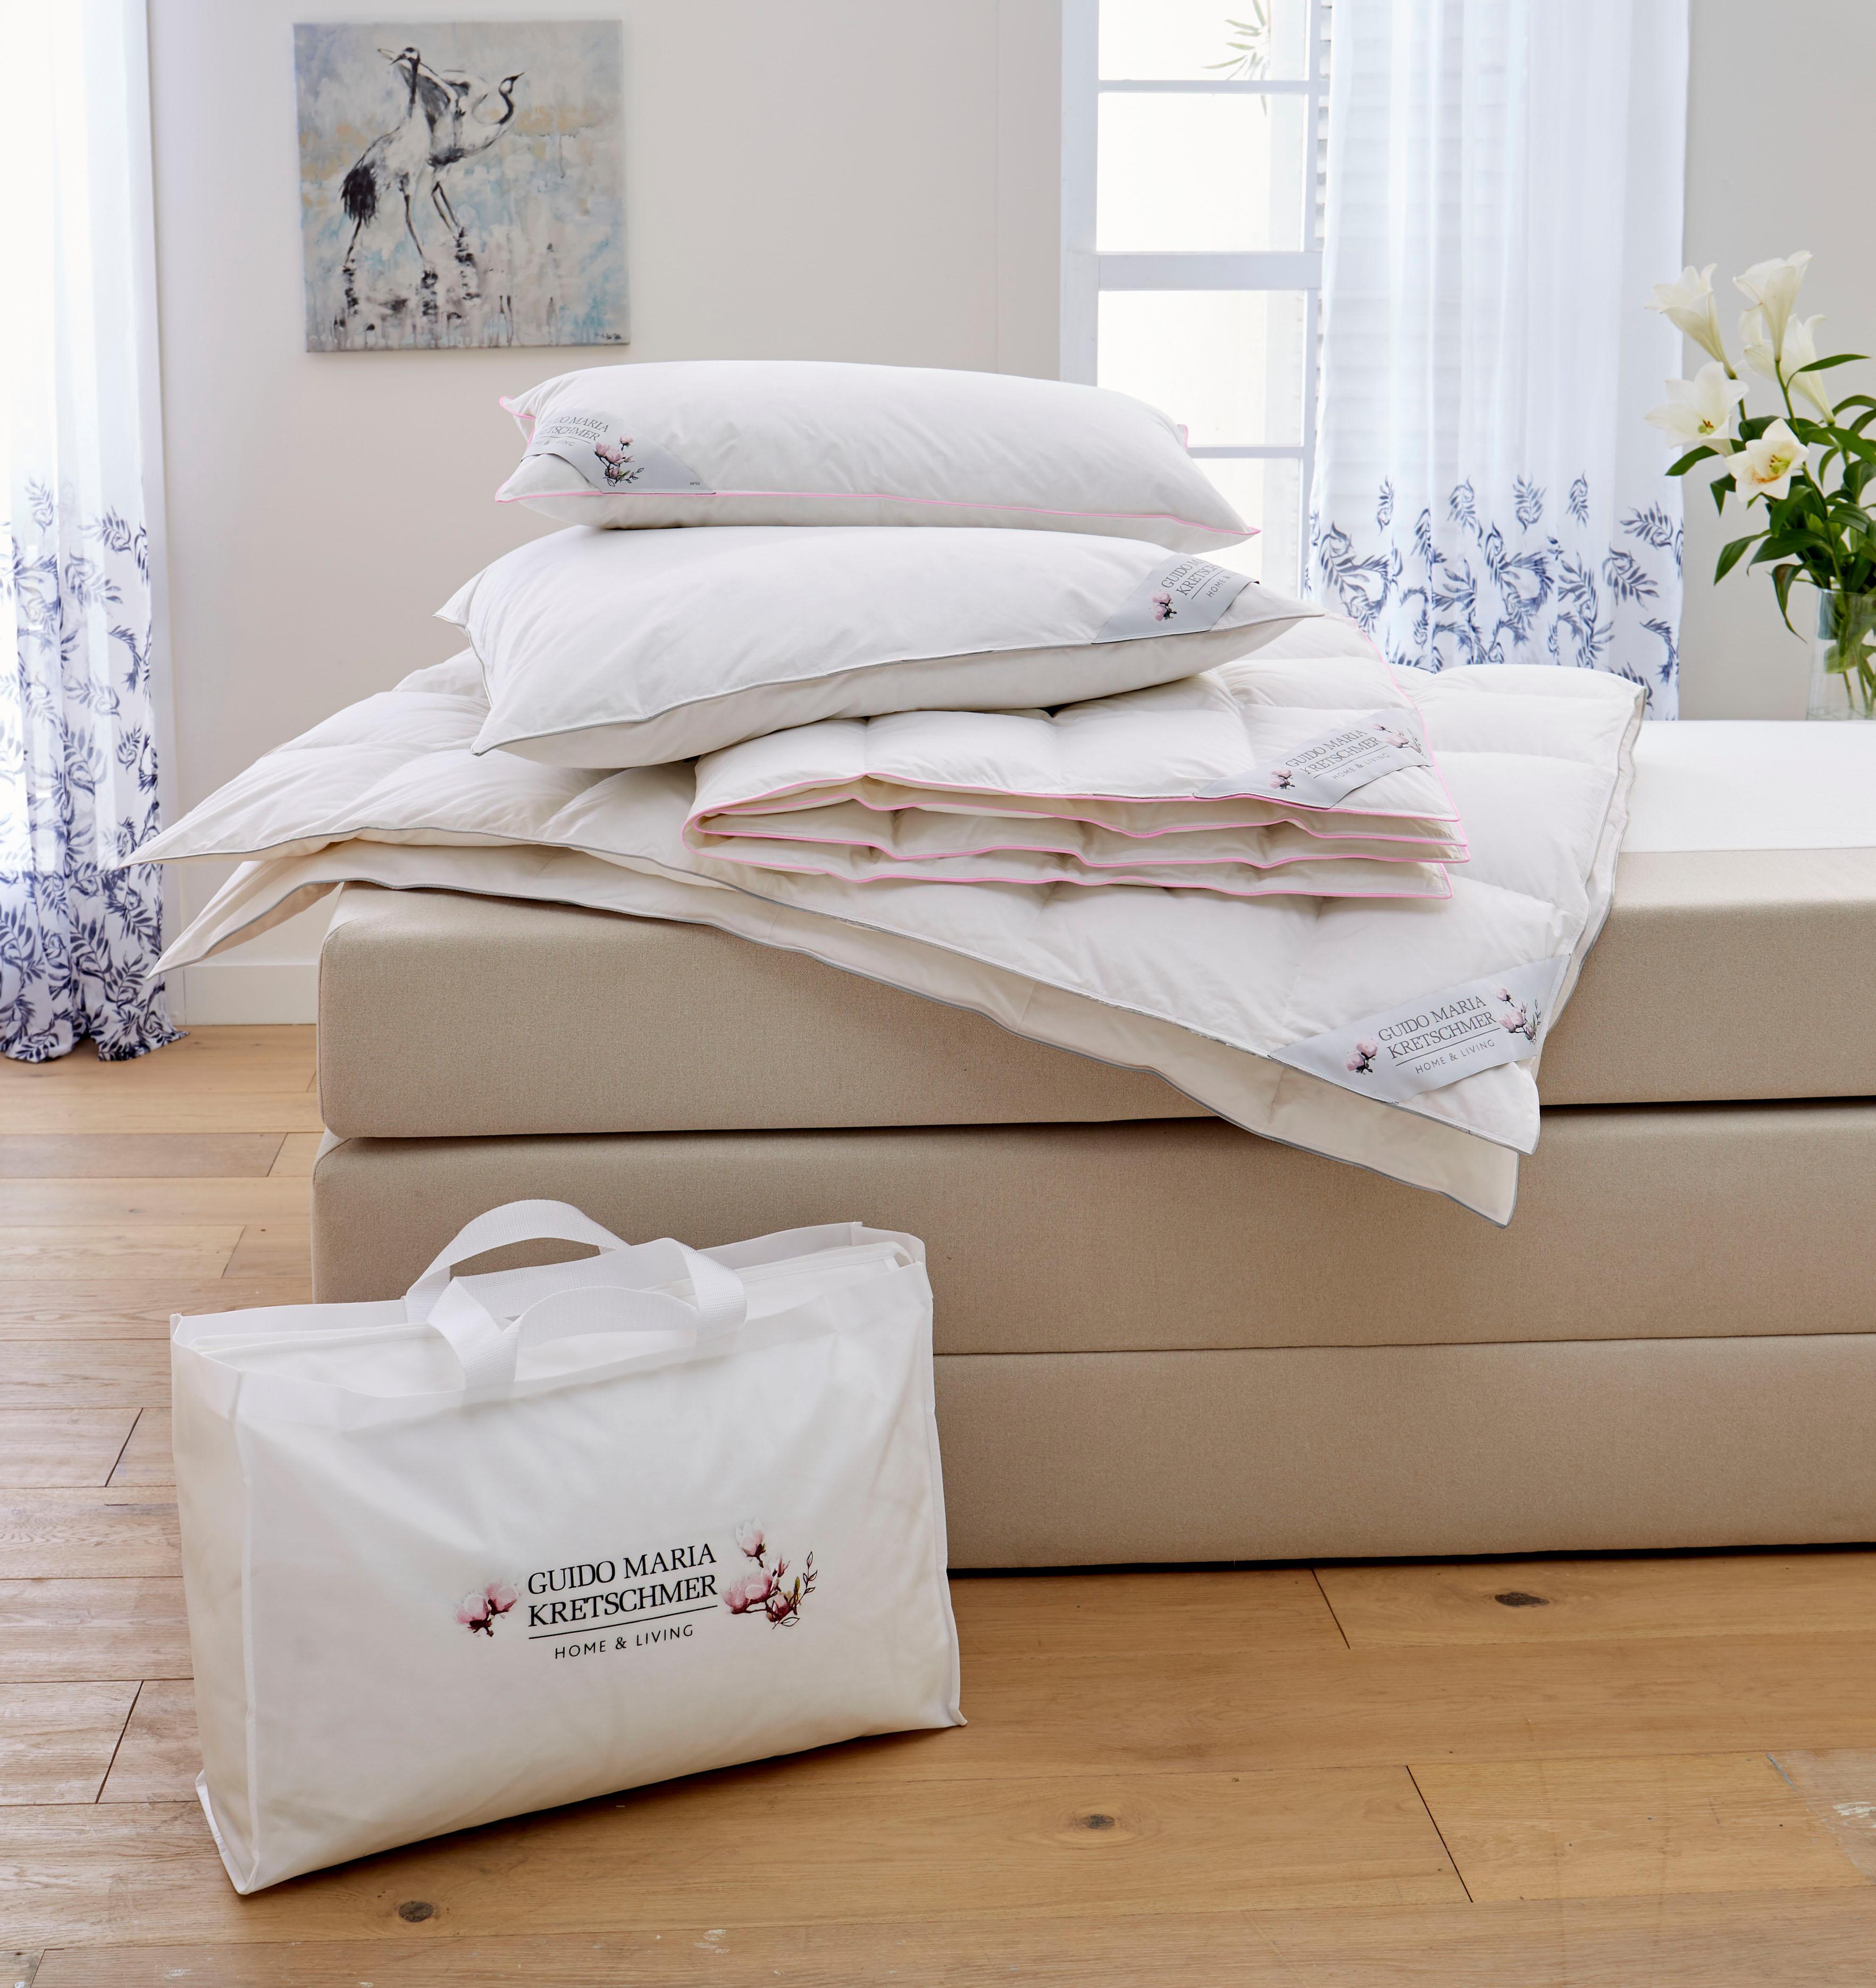 Daunenbettdecke + Kopfkissen GMK Guido Maria Kretschmer Home&Living normal